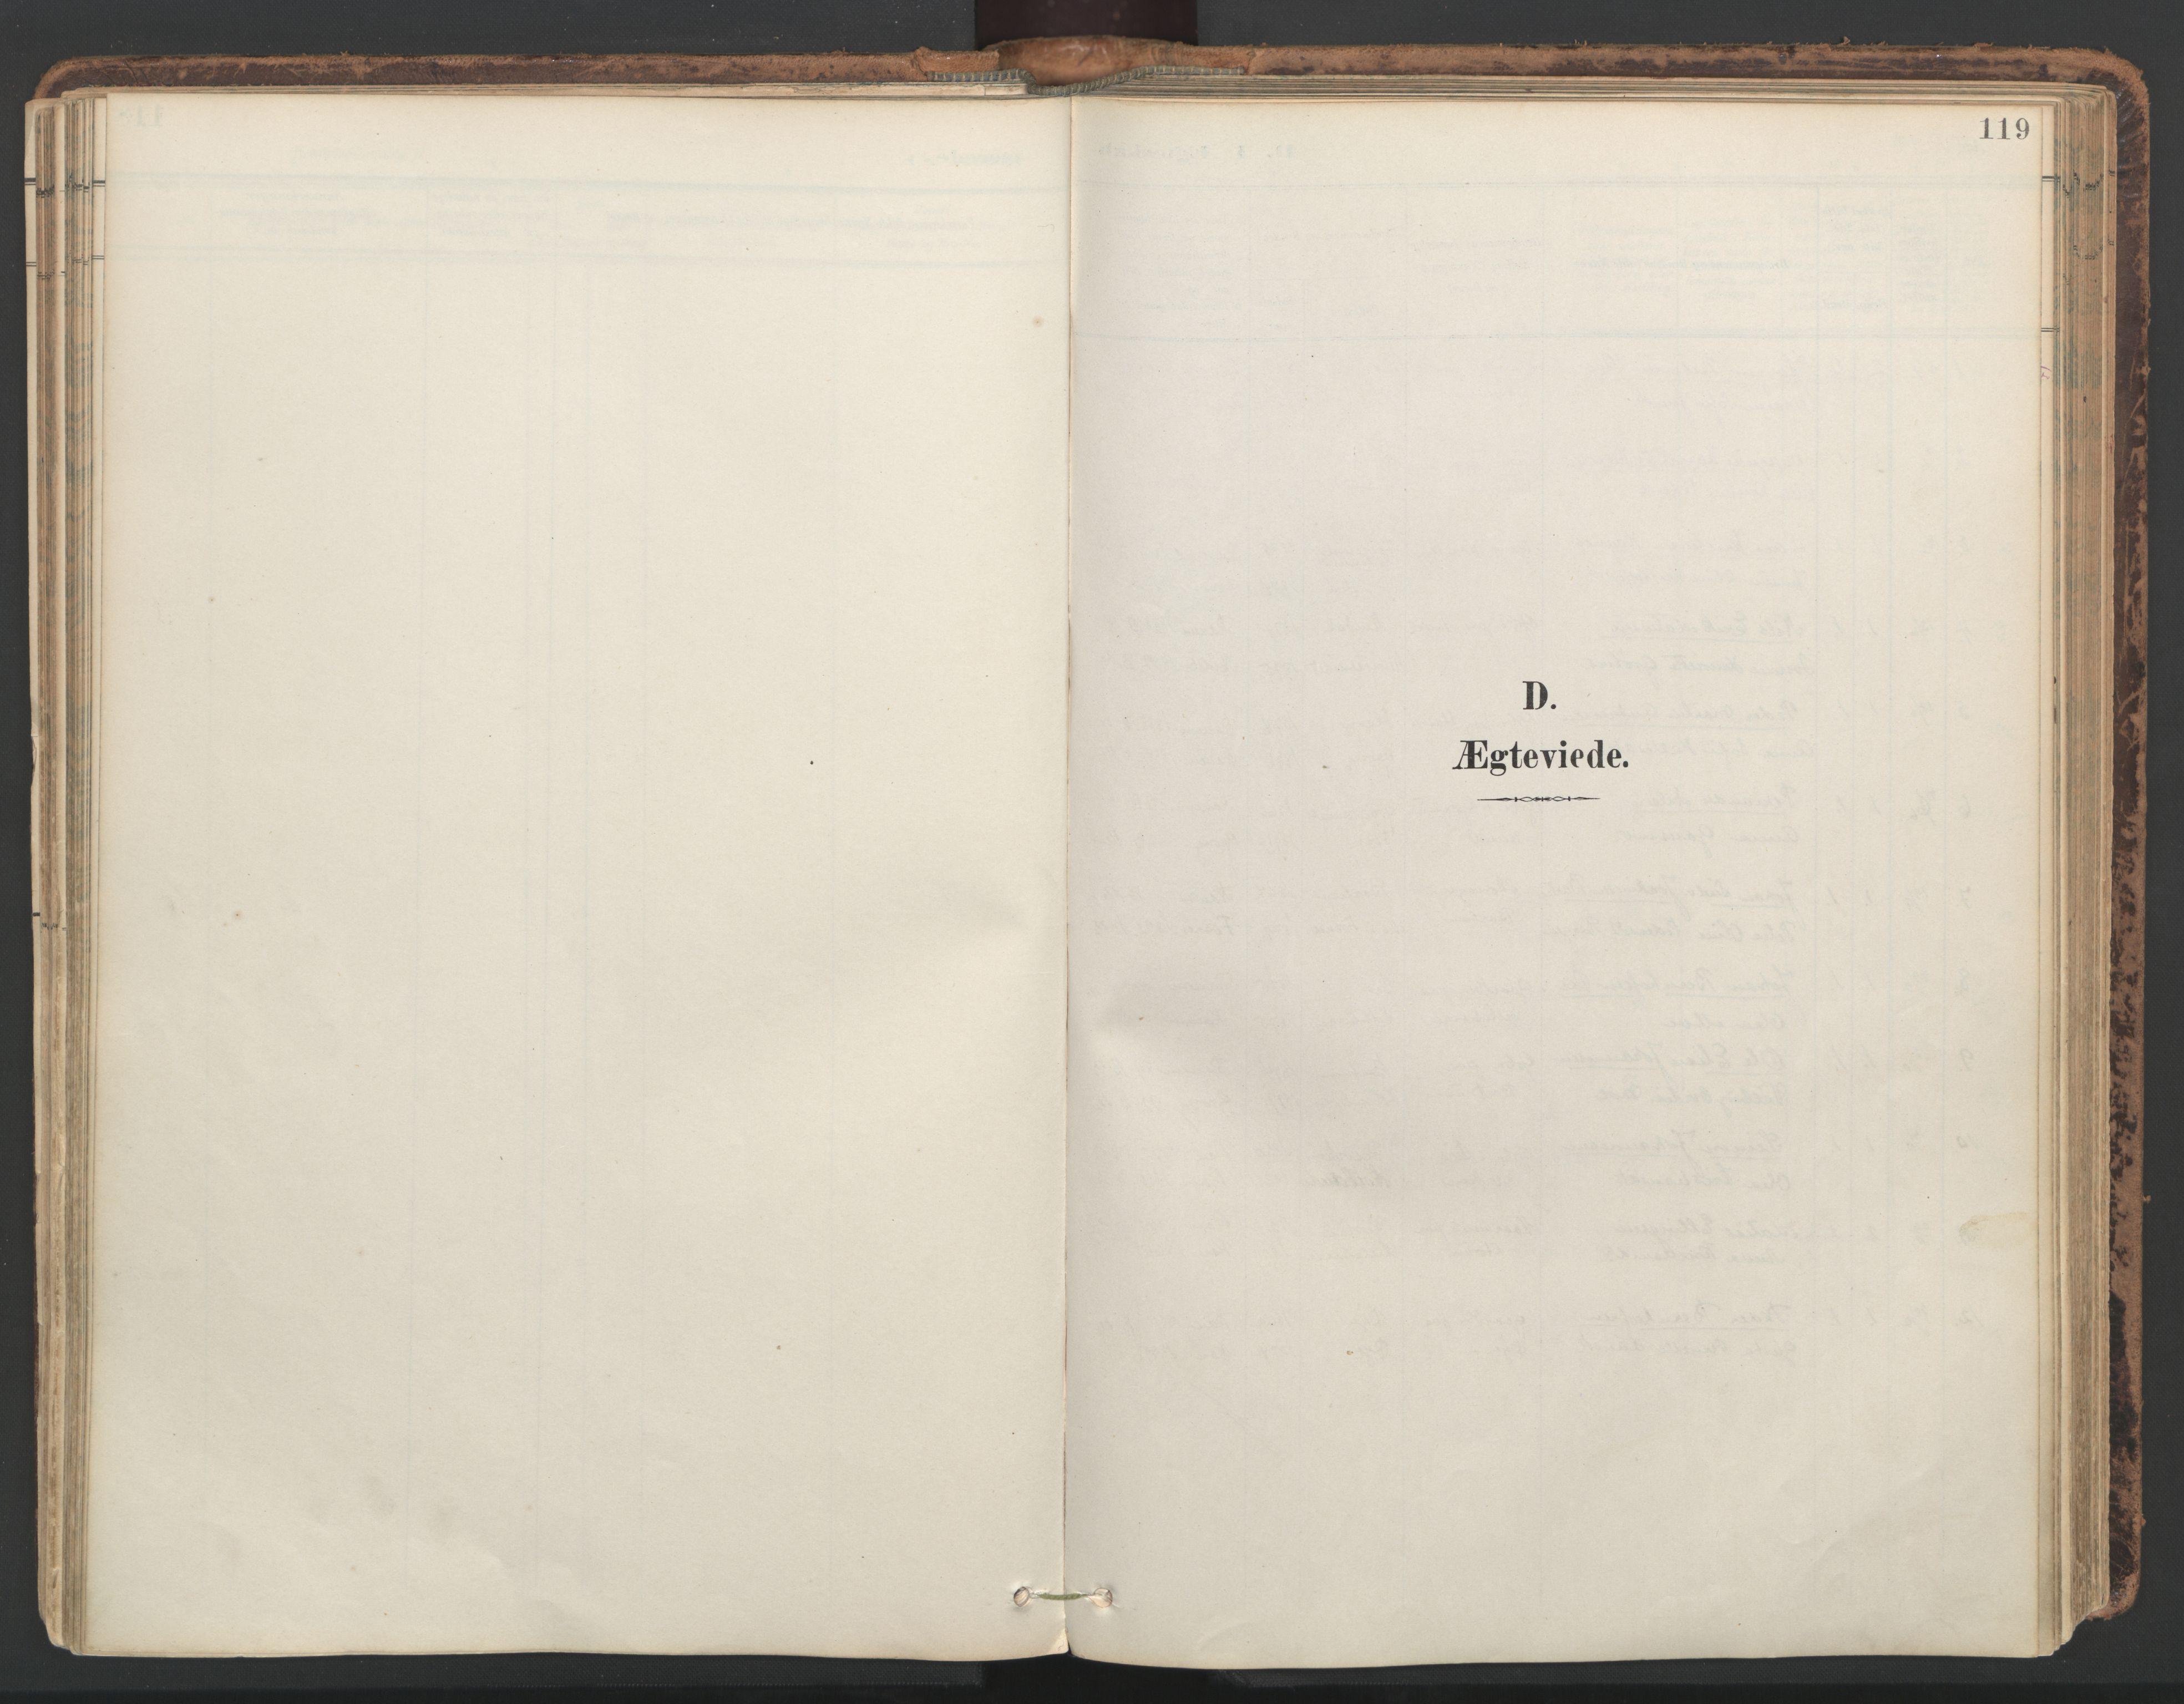 SAT, Ministerialprotokoller, klokkerbøker og fødselsregistre - Nord-Trøndelag, 764/L0556: Ministerialbok nr. 764A11, 1897-1924, s. 119